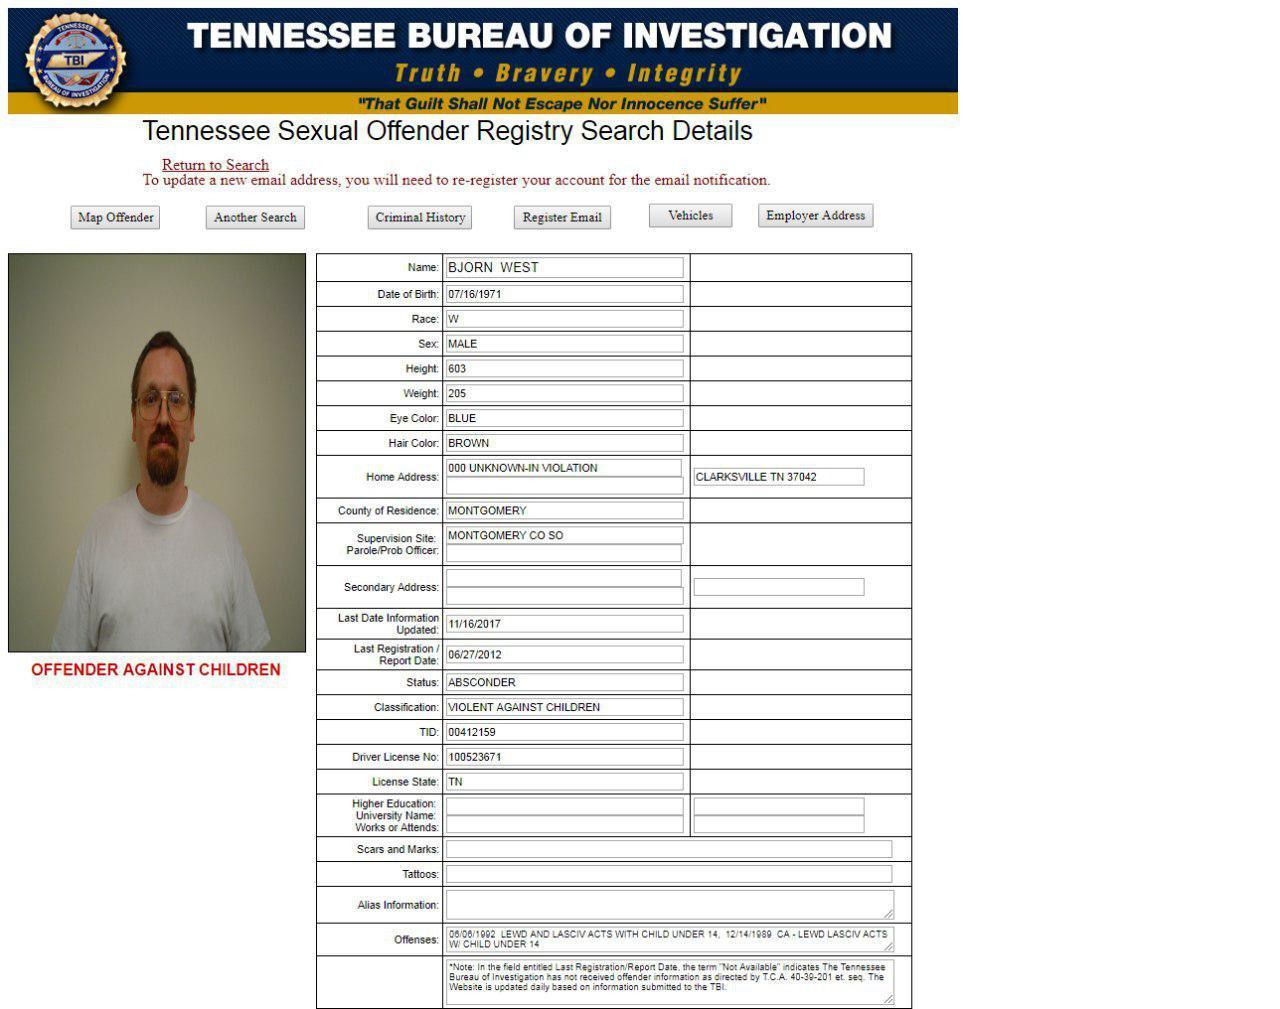 скриншот страницы сайта The Tennessee Bureau of Investigation